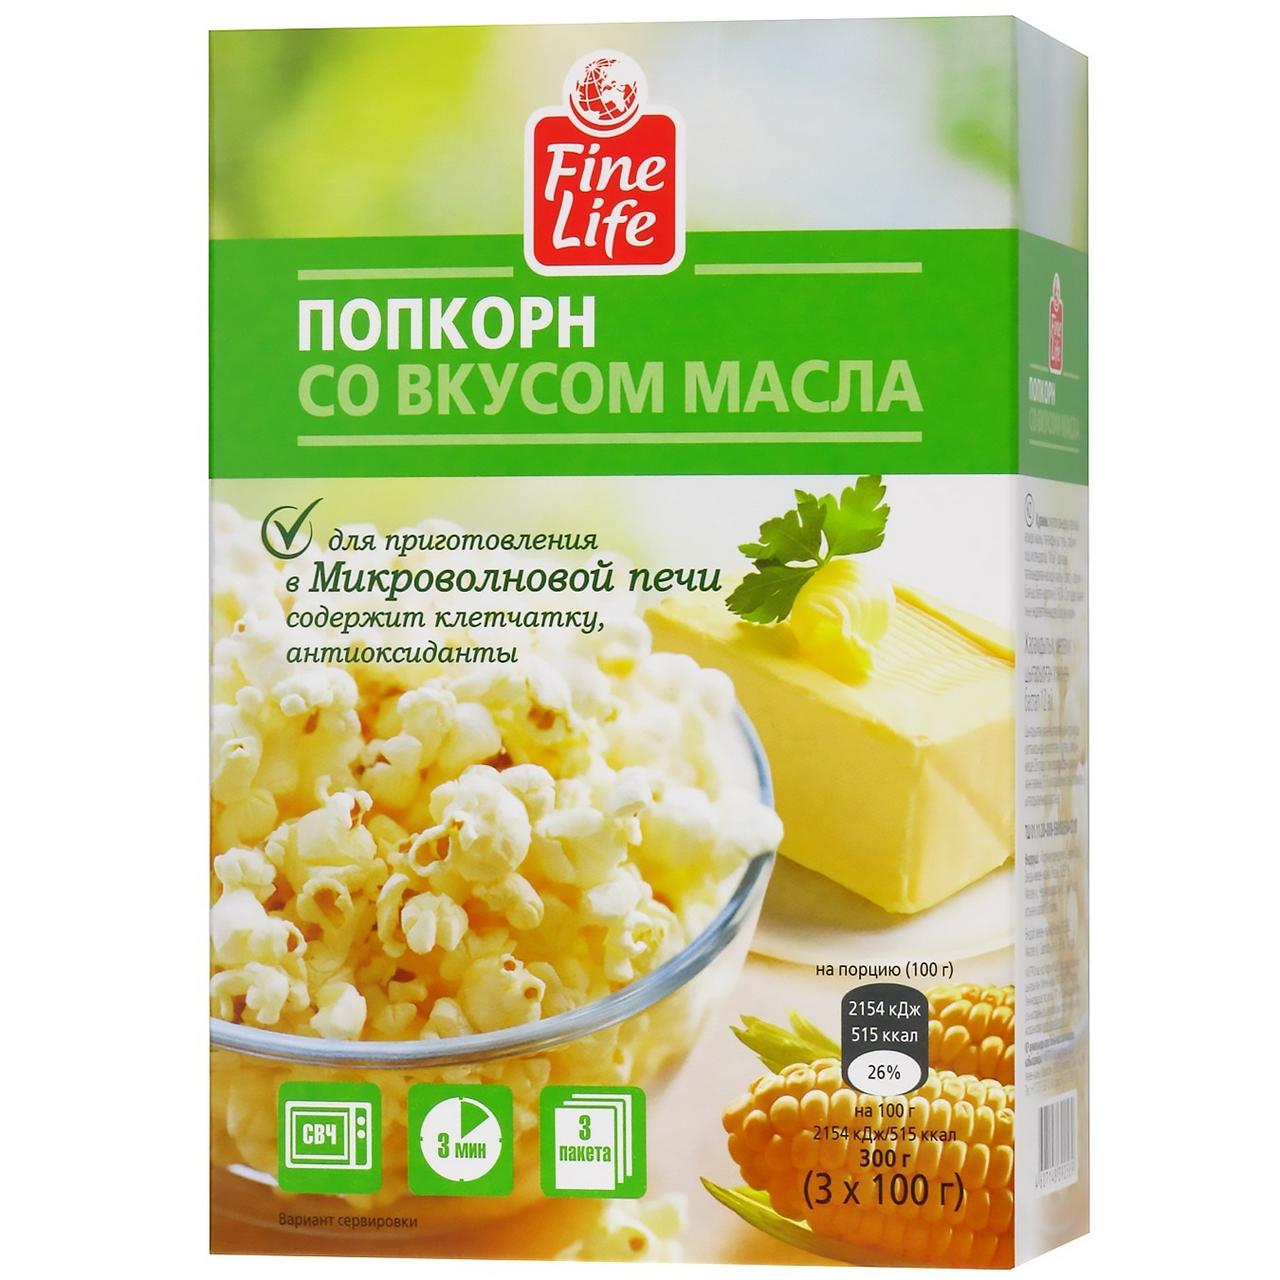 Попкорн FINE LIFE экстра масло, 3Х100г